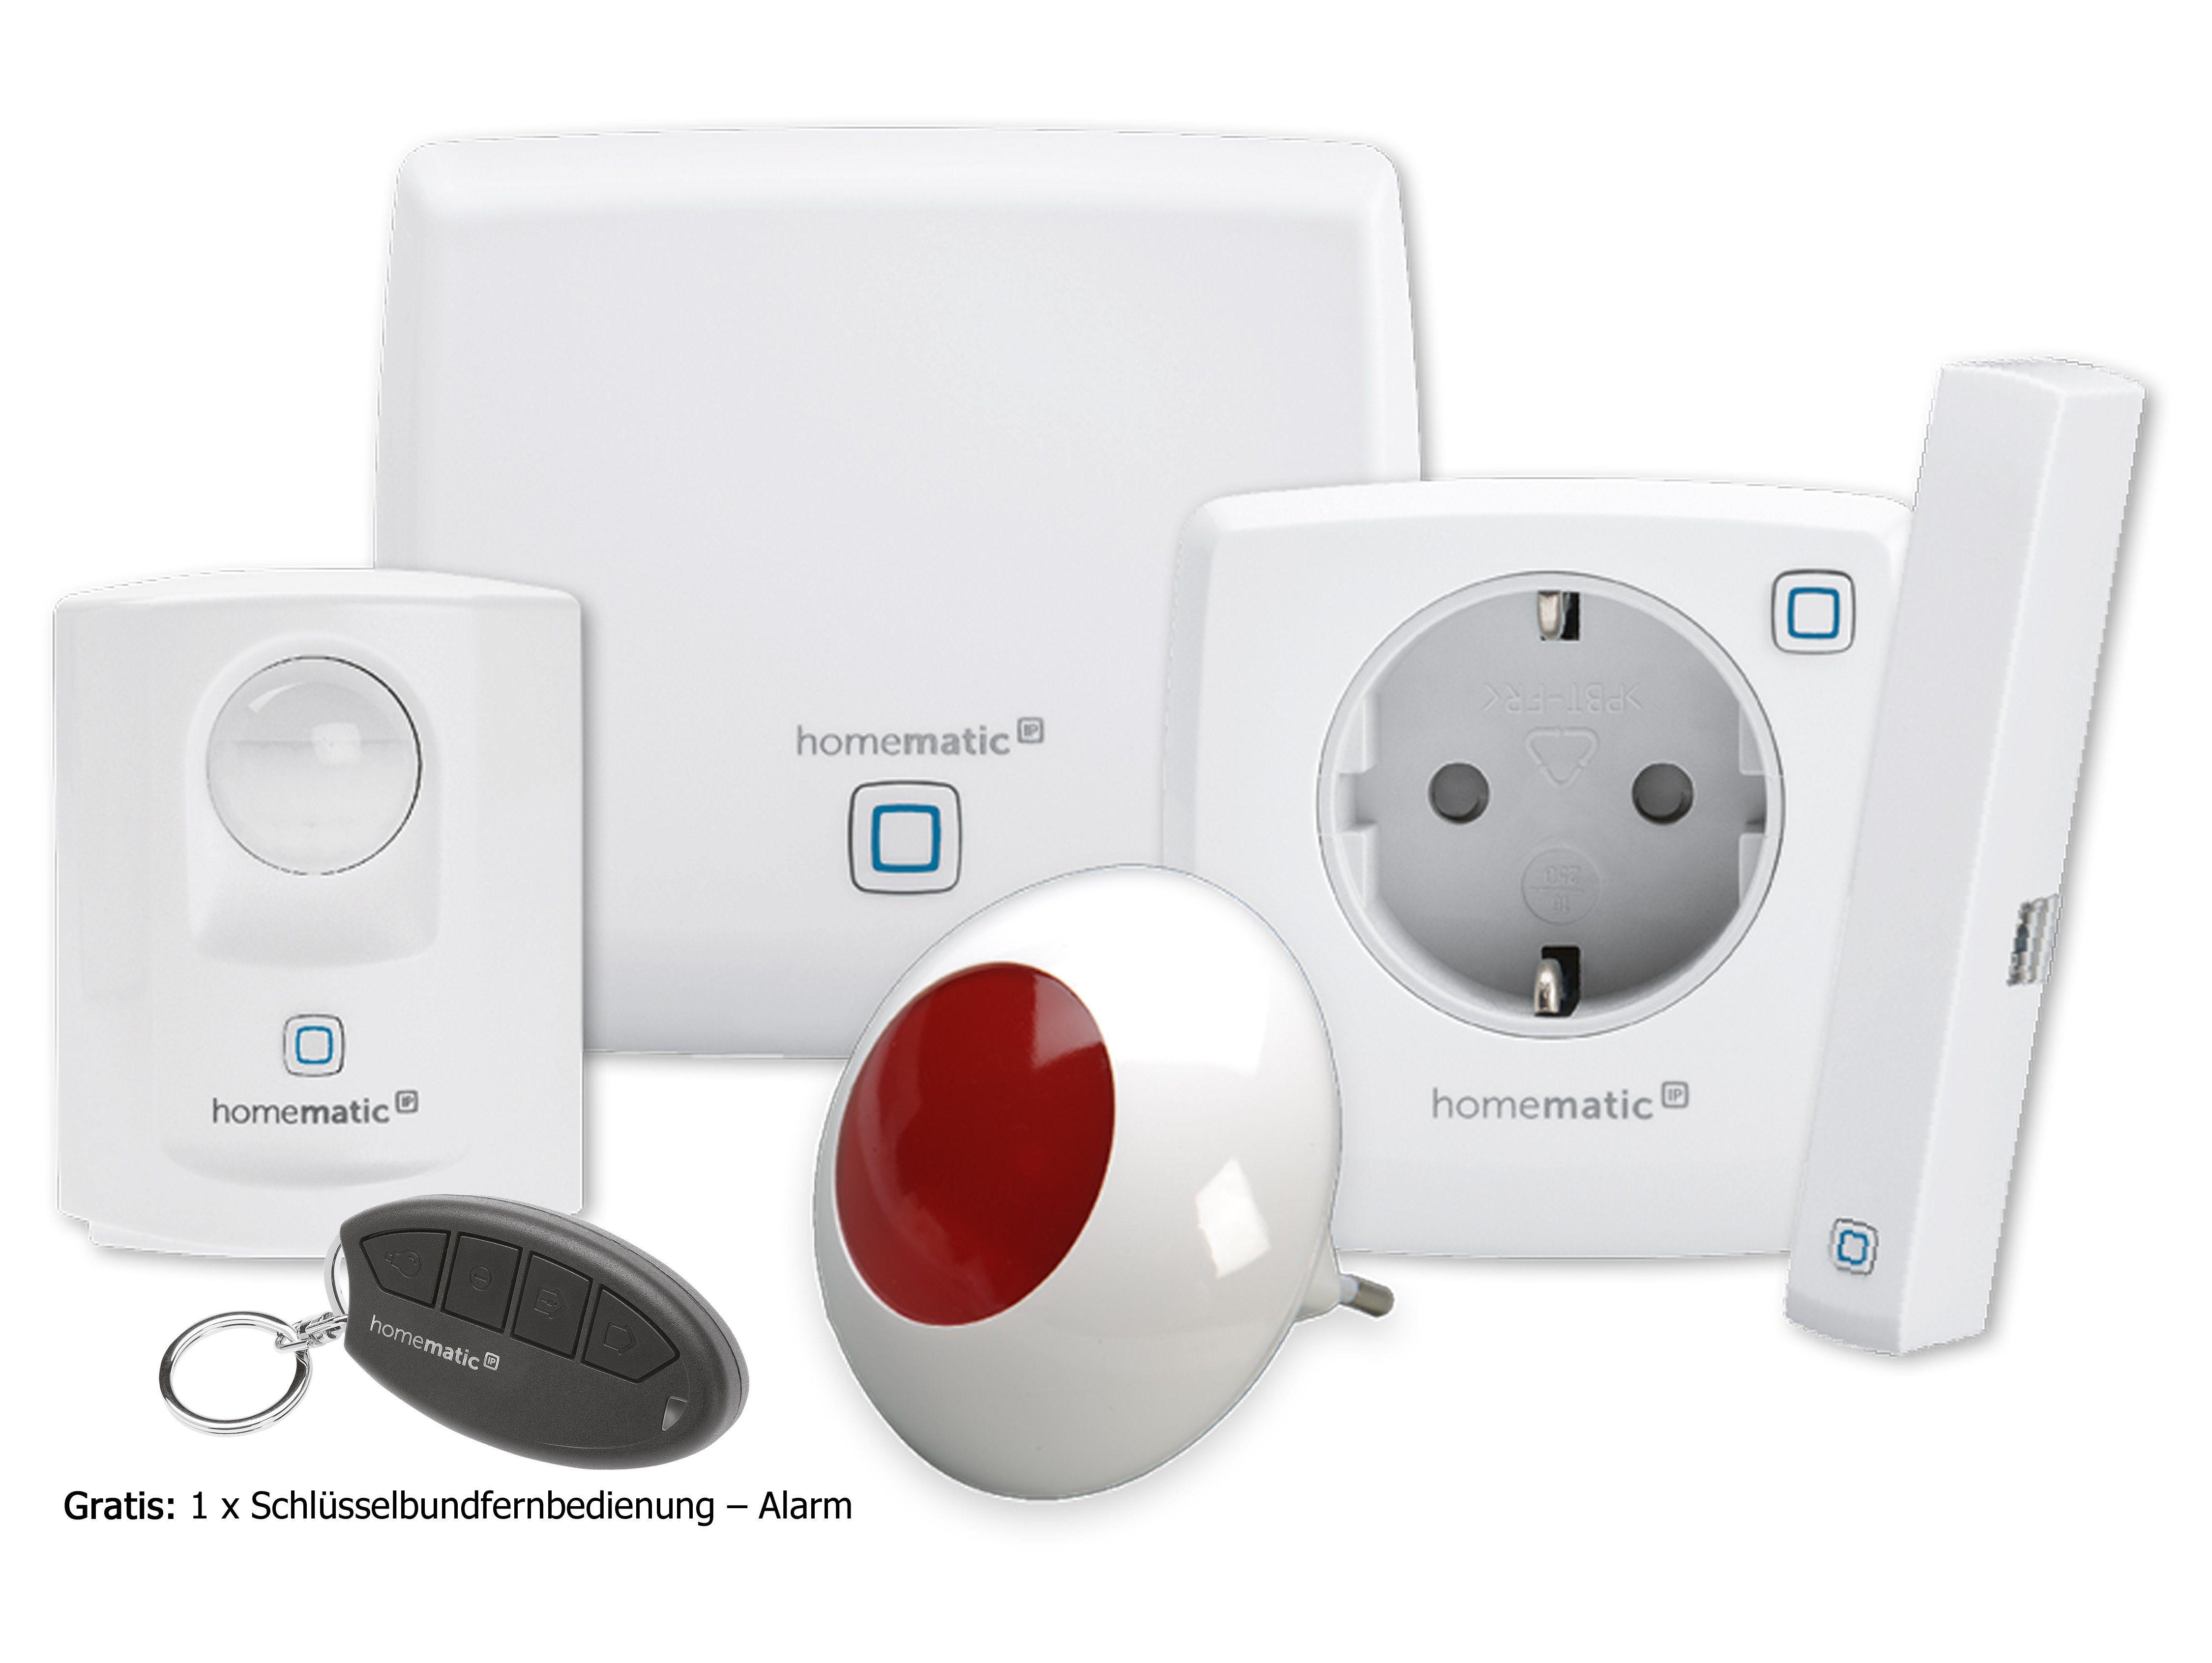 Homematic IP - Smart Home - Sicherheit & Komfort »Starter Set Sicherheit Plus«